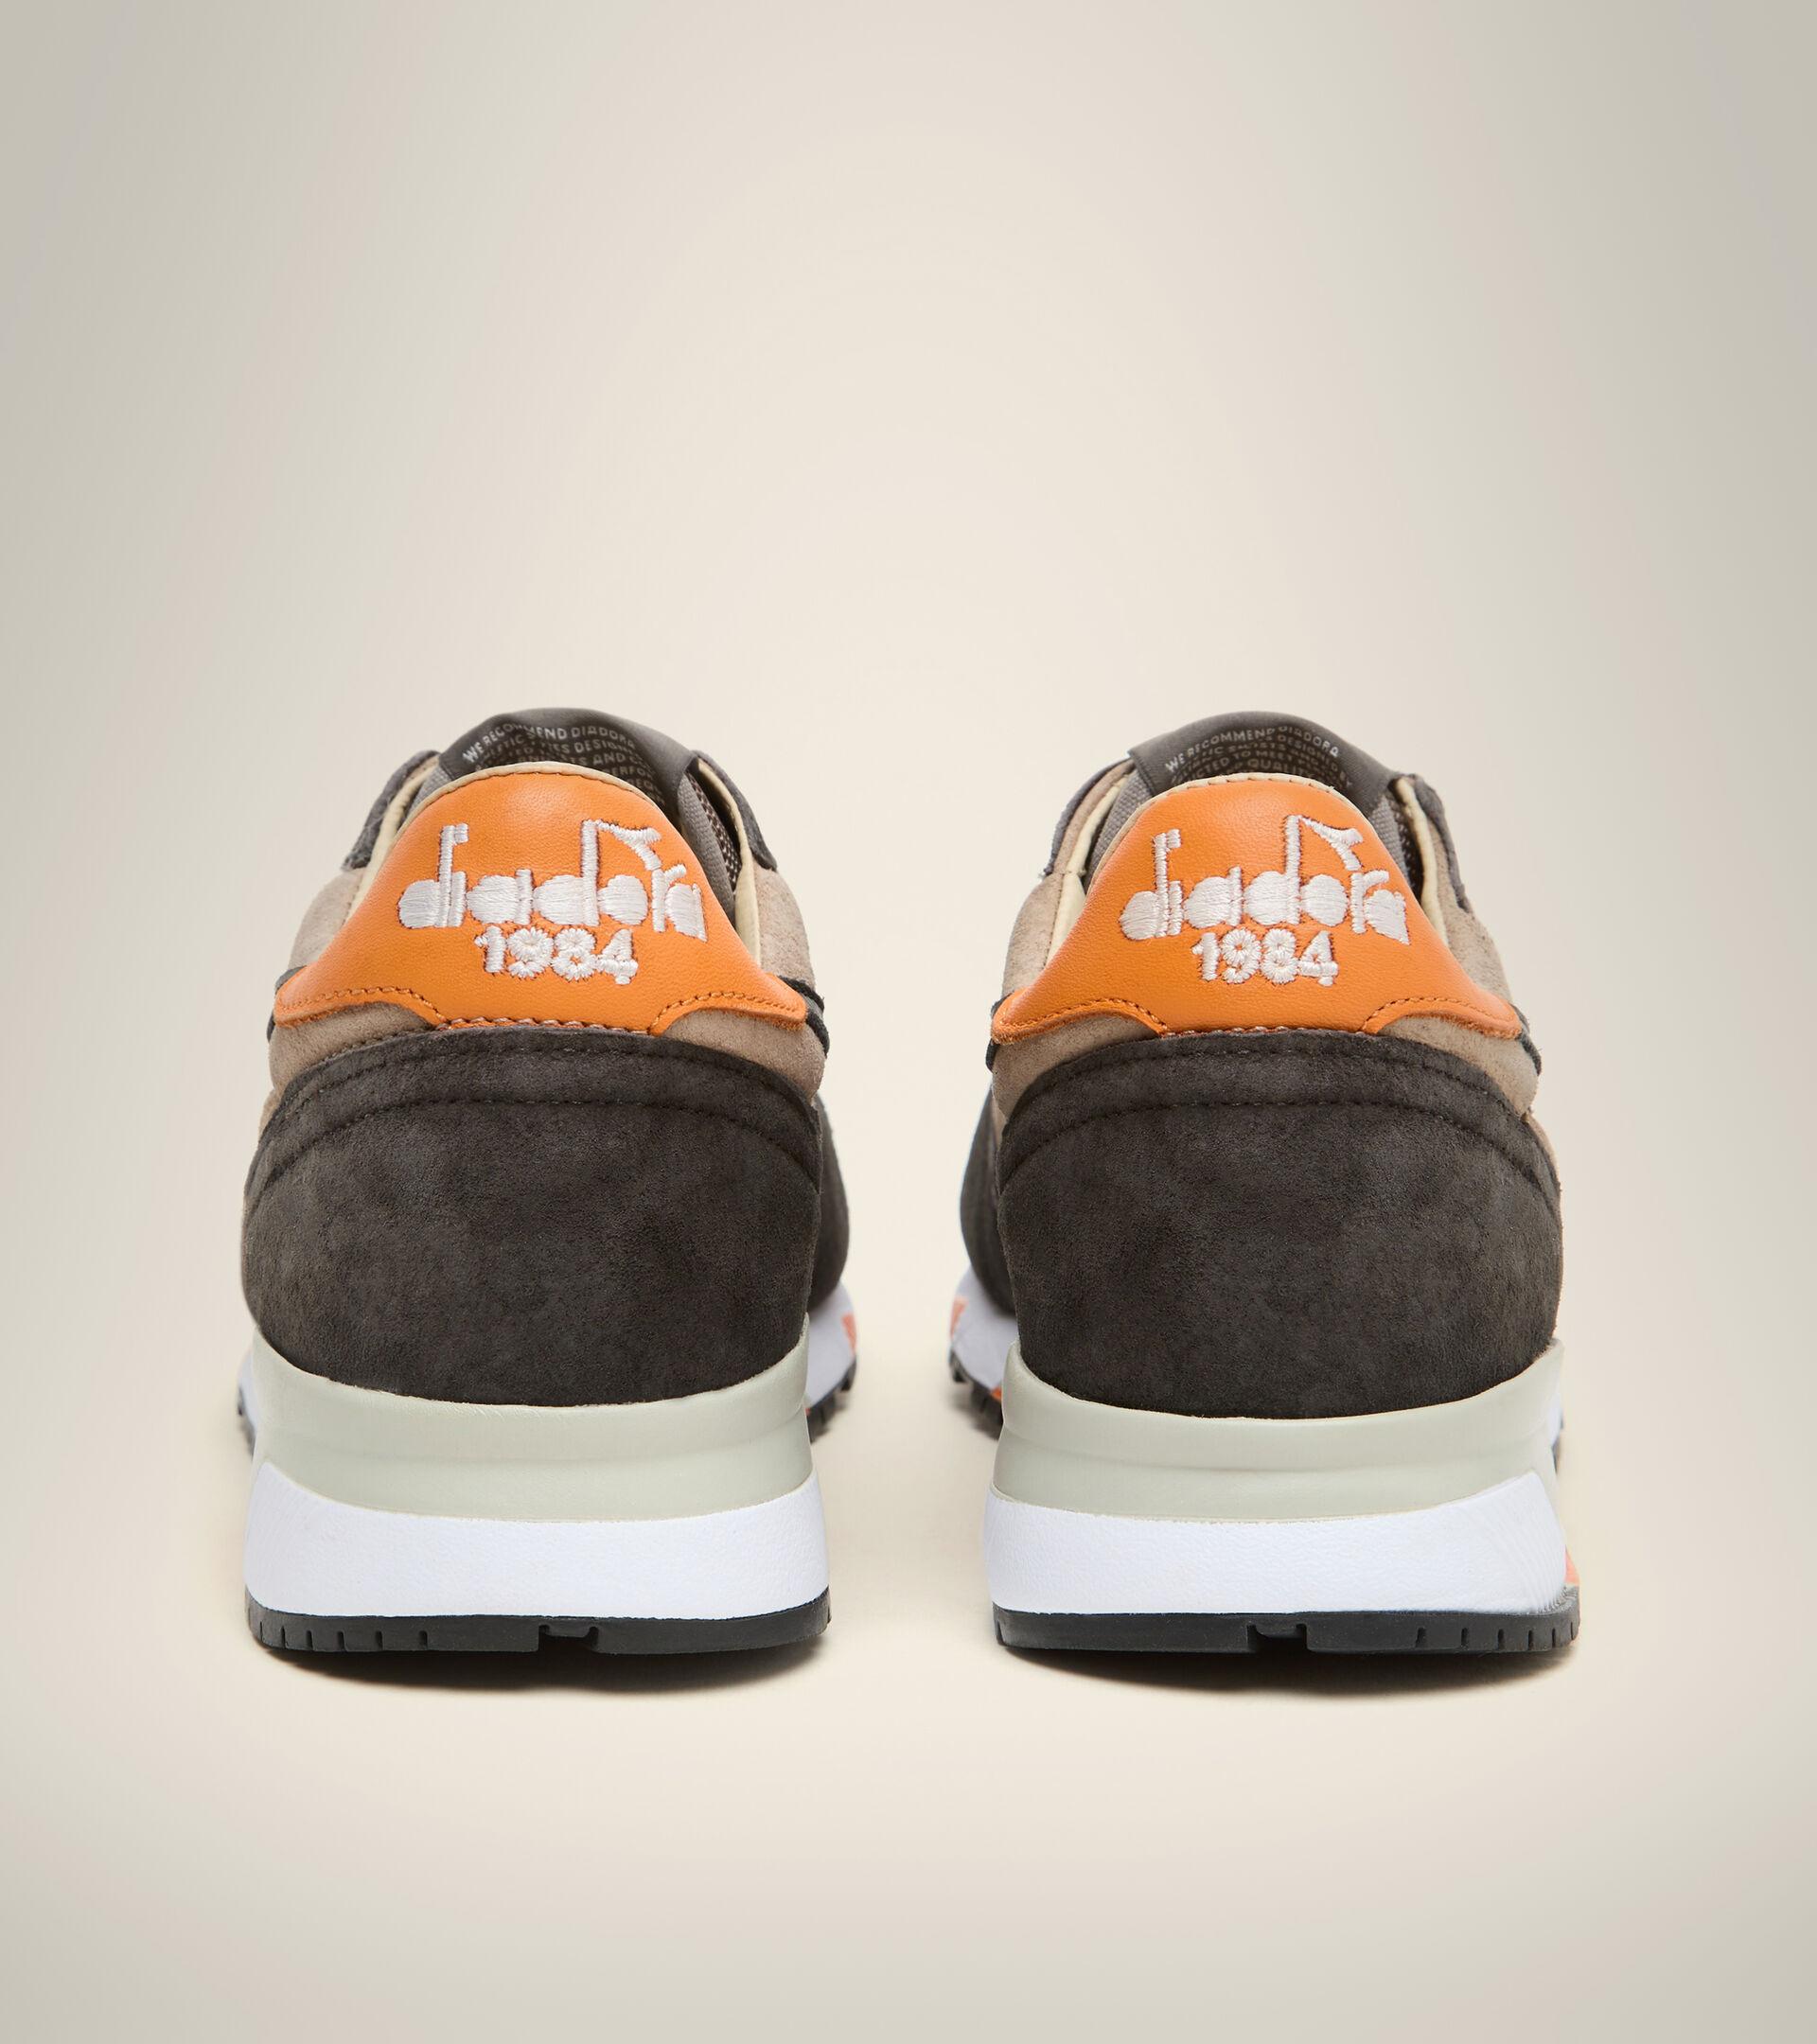 Footwear Heritage UOMO TRIDENT 90 SUEDE SW PLATA VISON Diadora